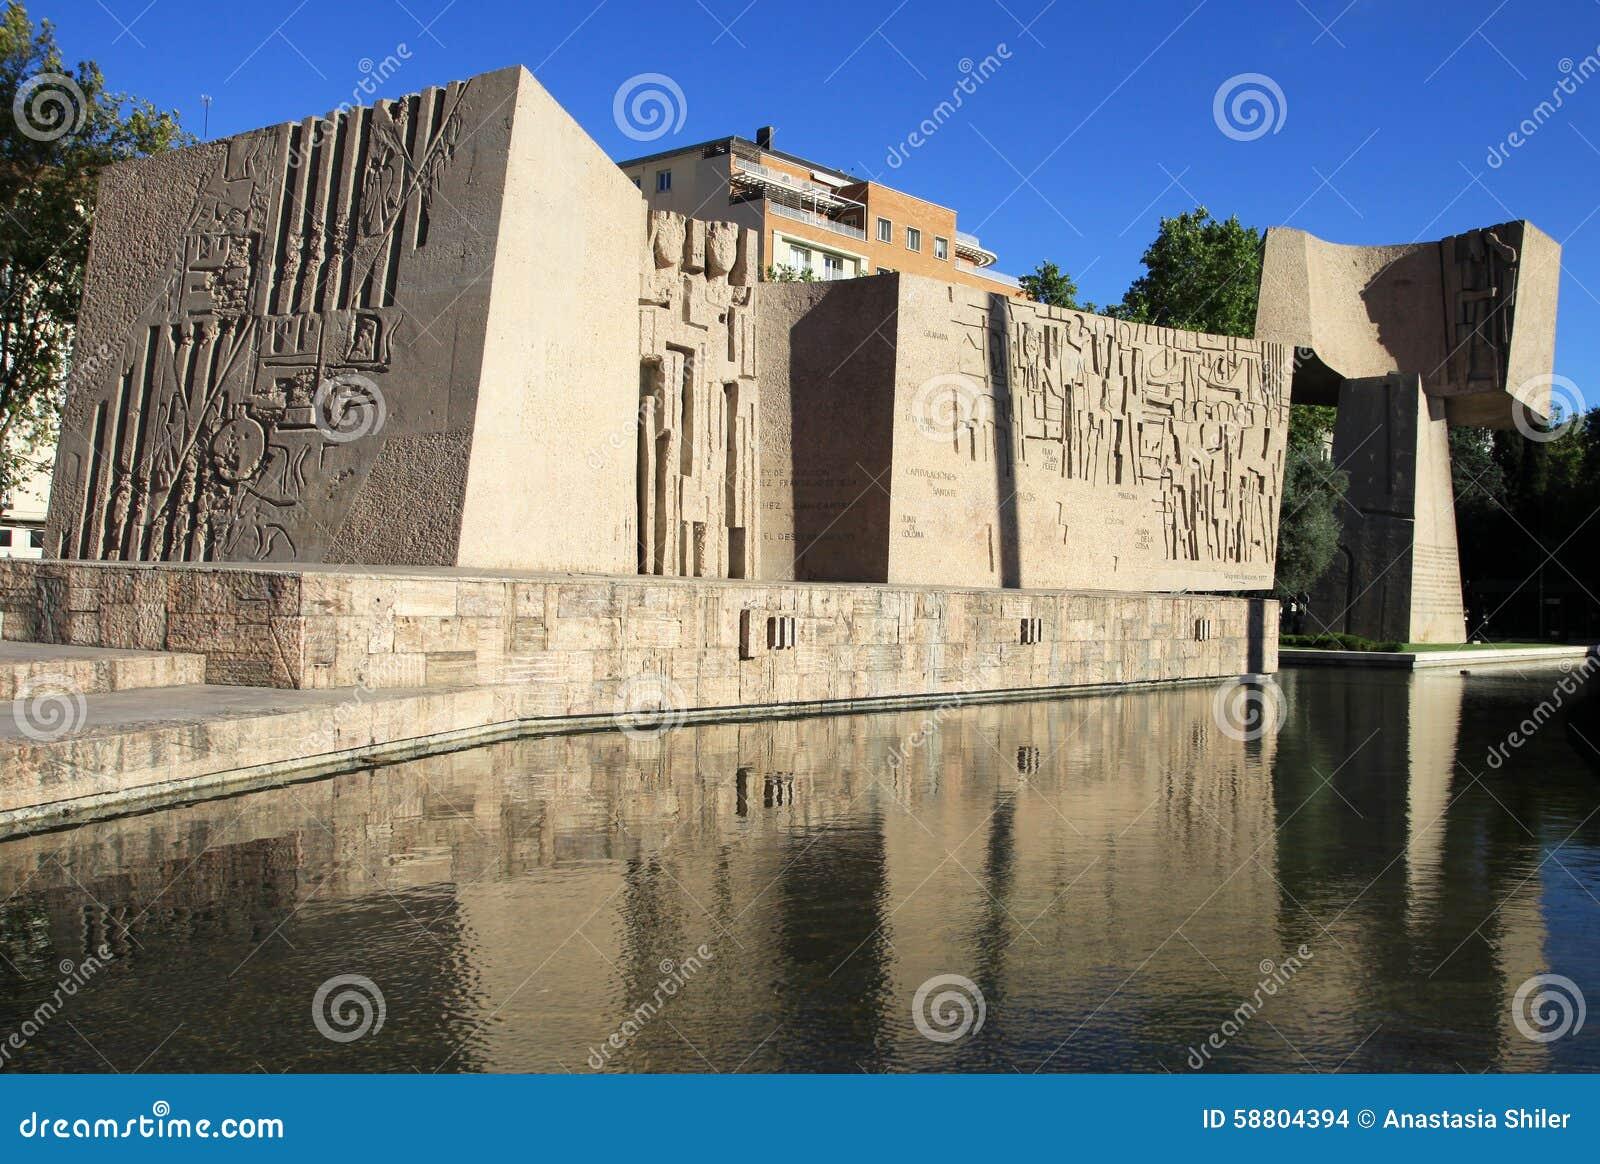 Monumento alla scoperta dell America Giardini della scoperta su Plaza de Colon Madrid, Spagna